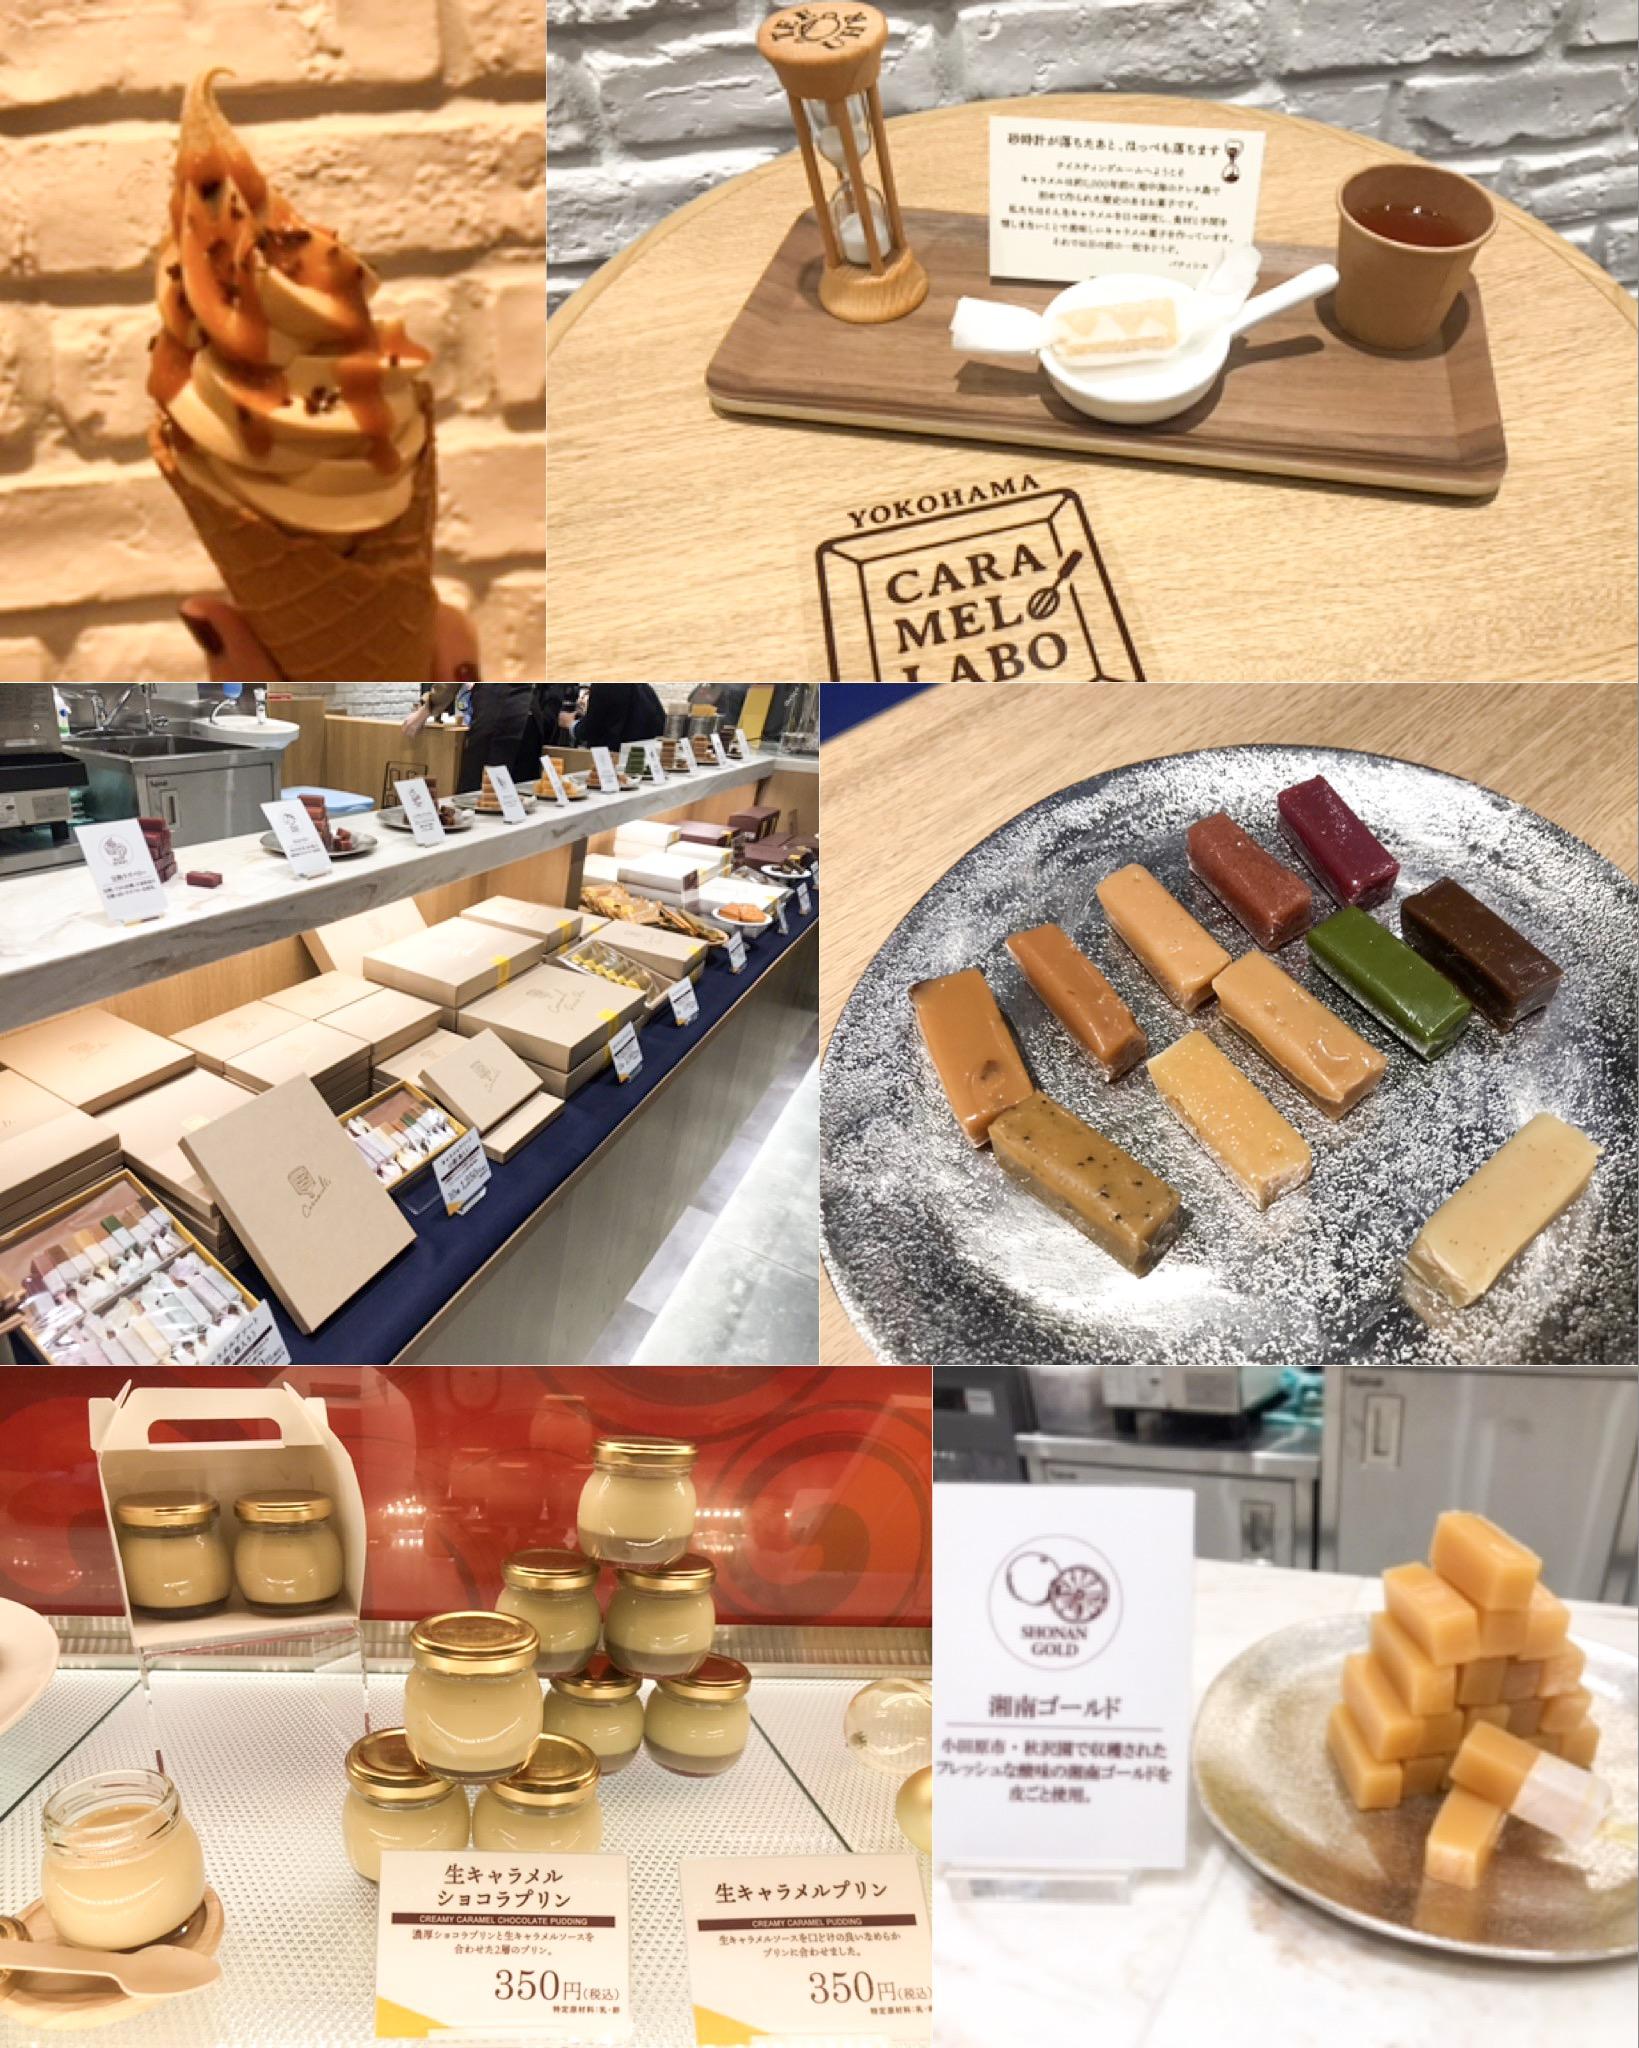 みなとみらい新スポット『横浜ハンマーヘッド』がオープン! おしゃれカフェ、お土産におすすめなグルメショップ5選_17